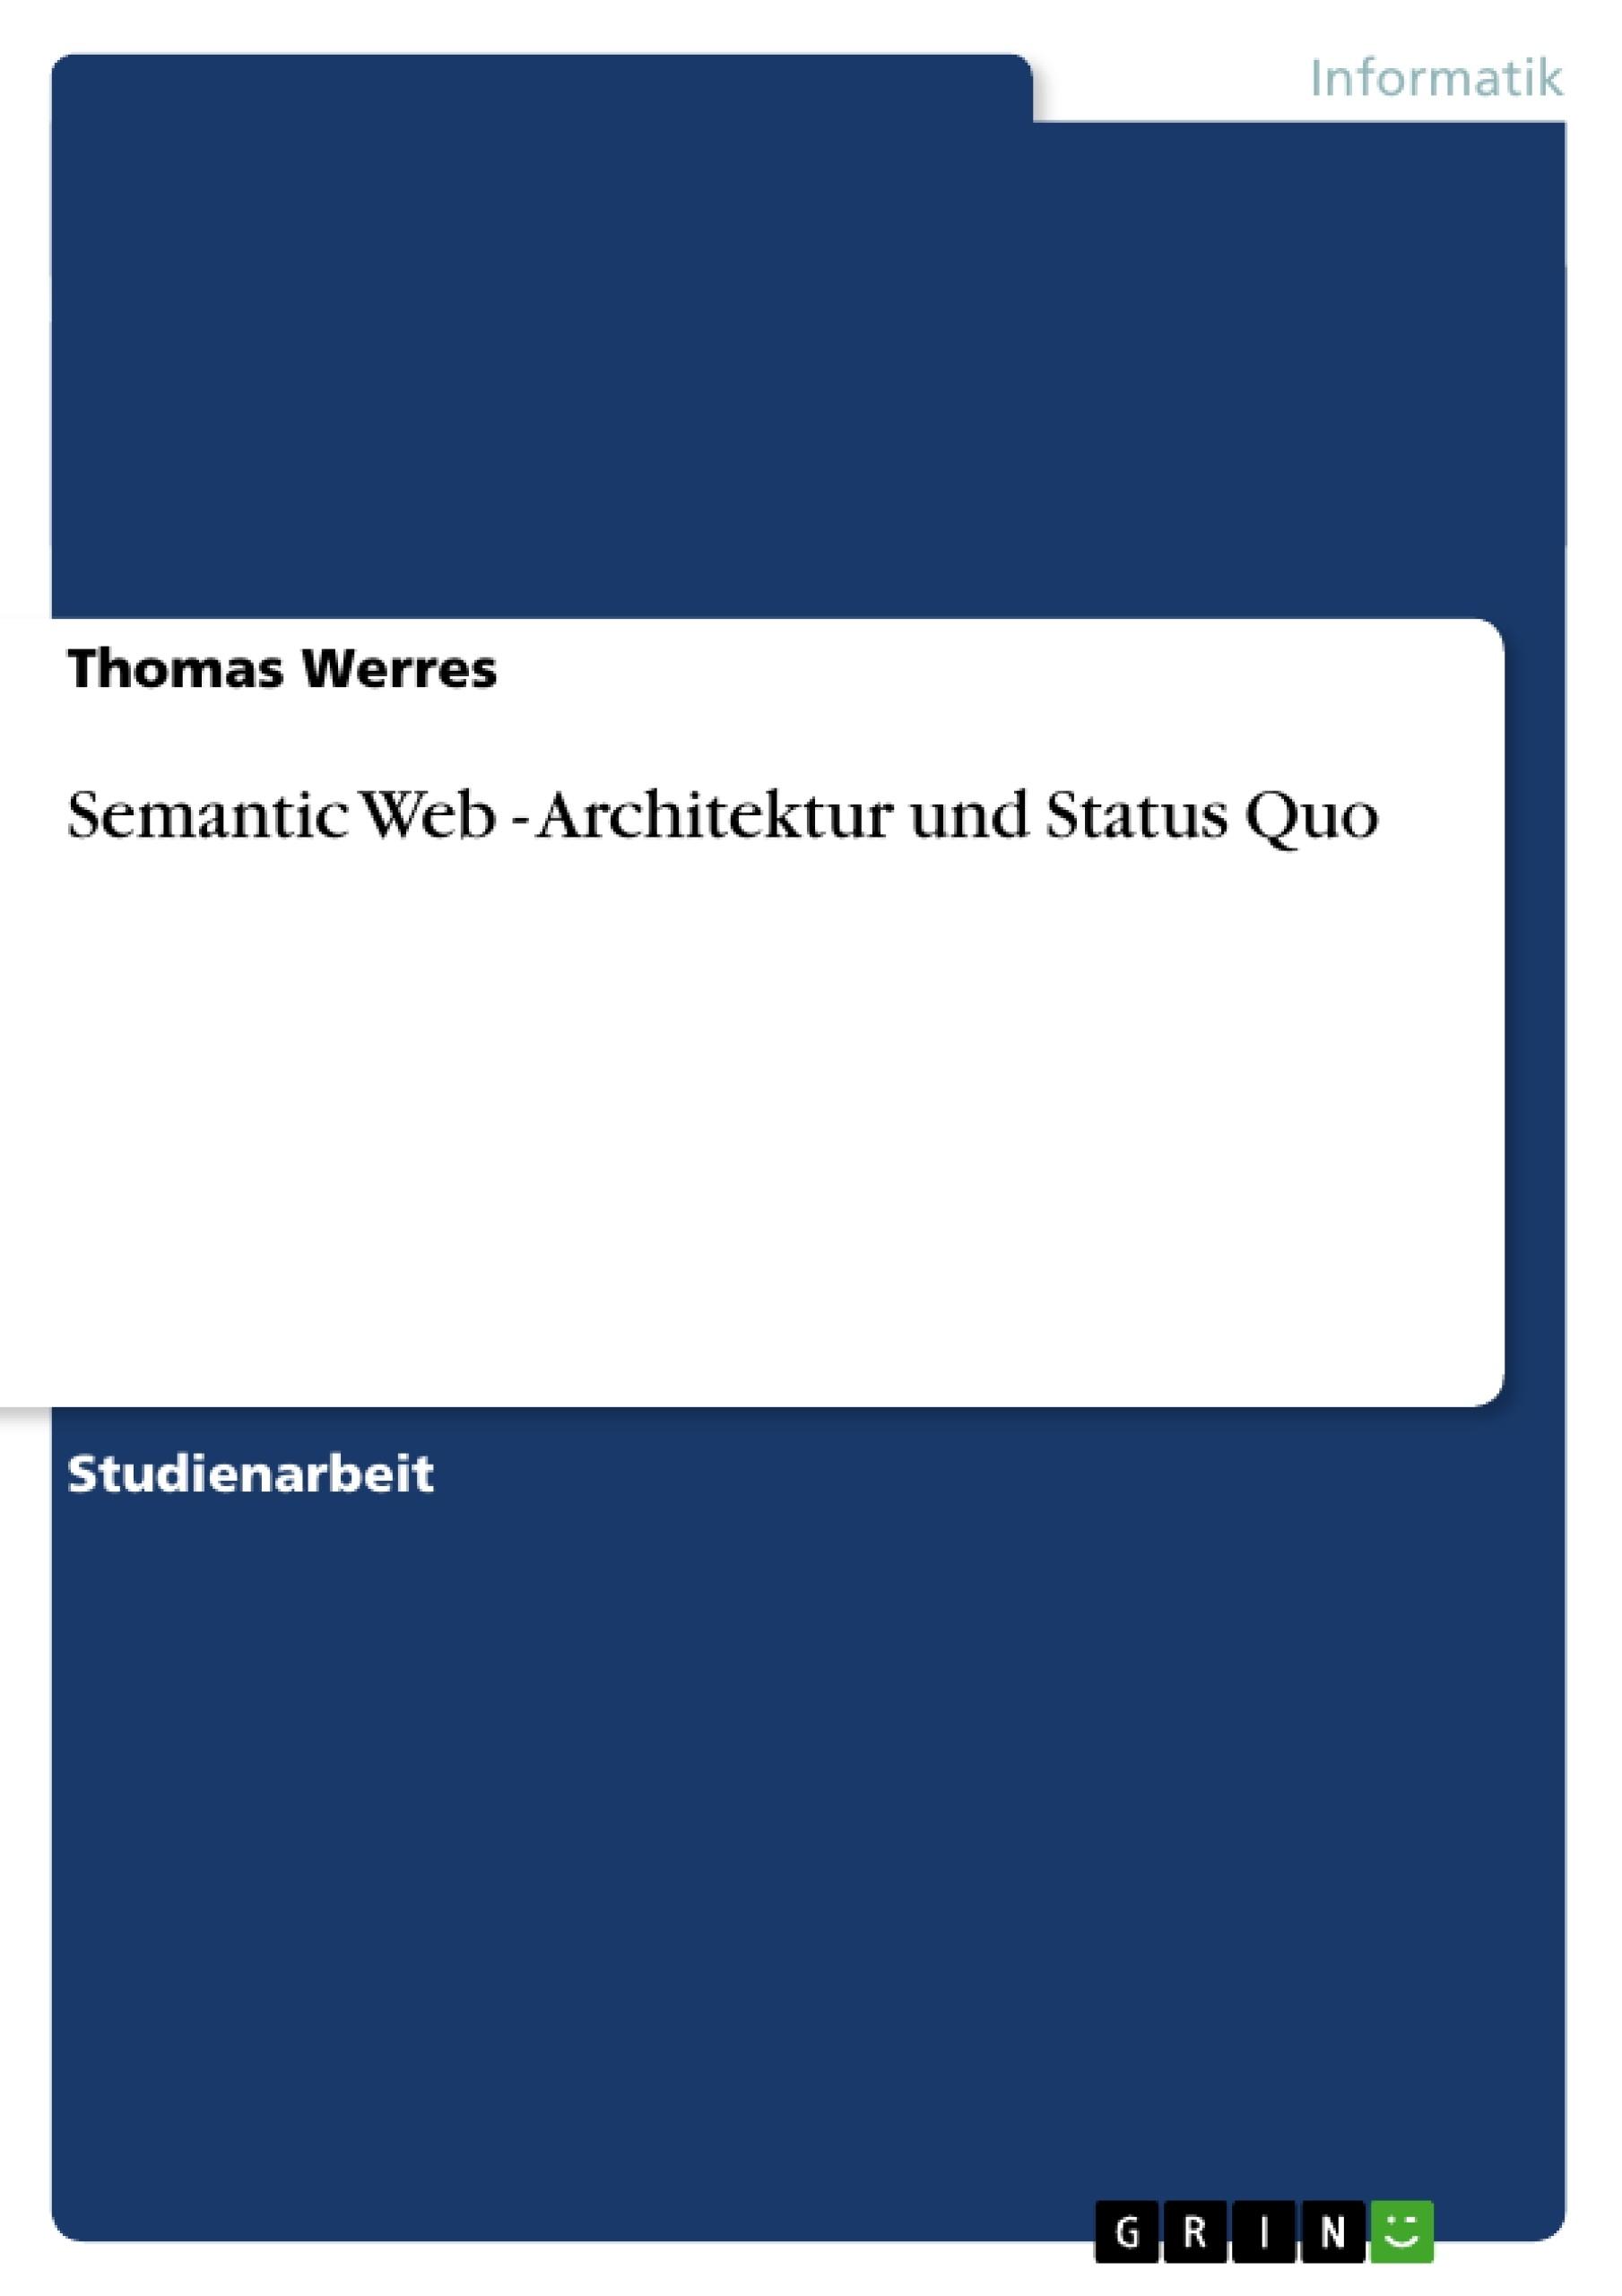 Titel: Semantic Web - Architektur und Status Quo